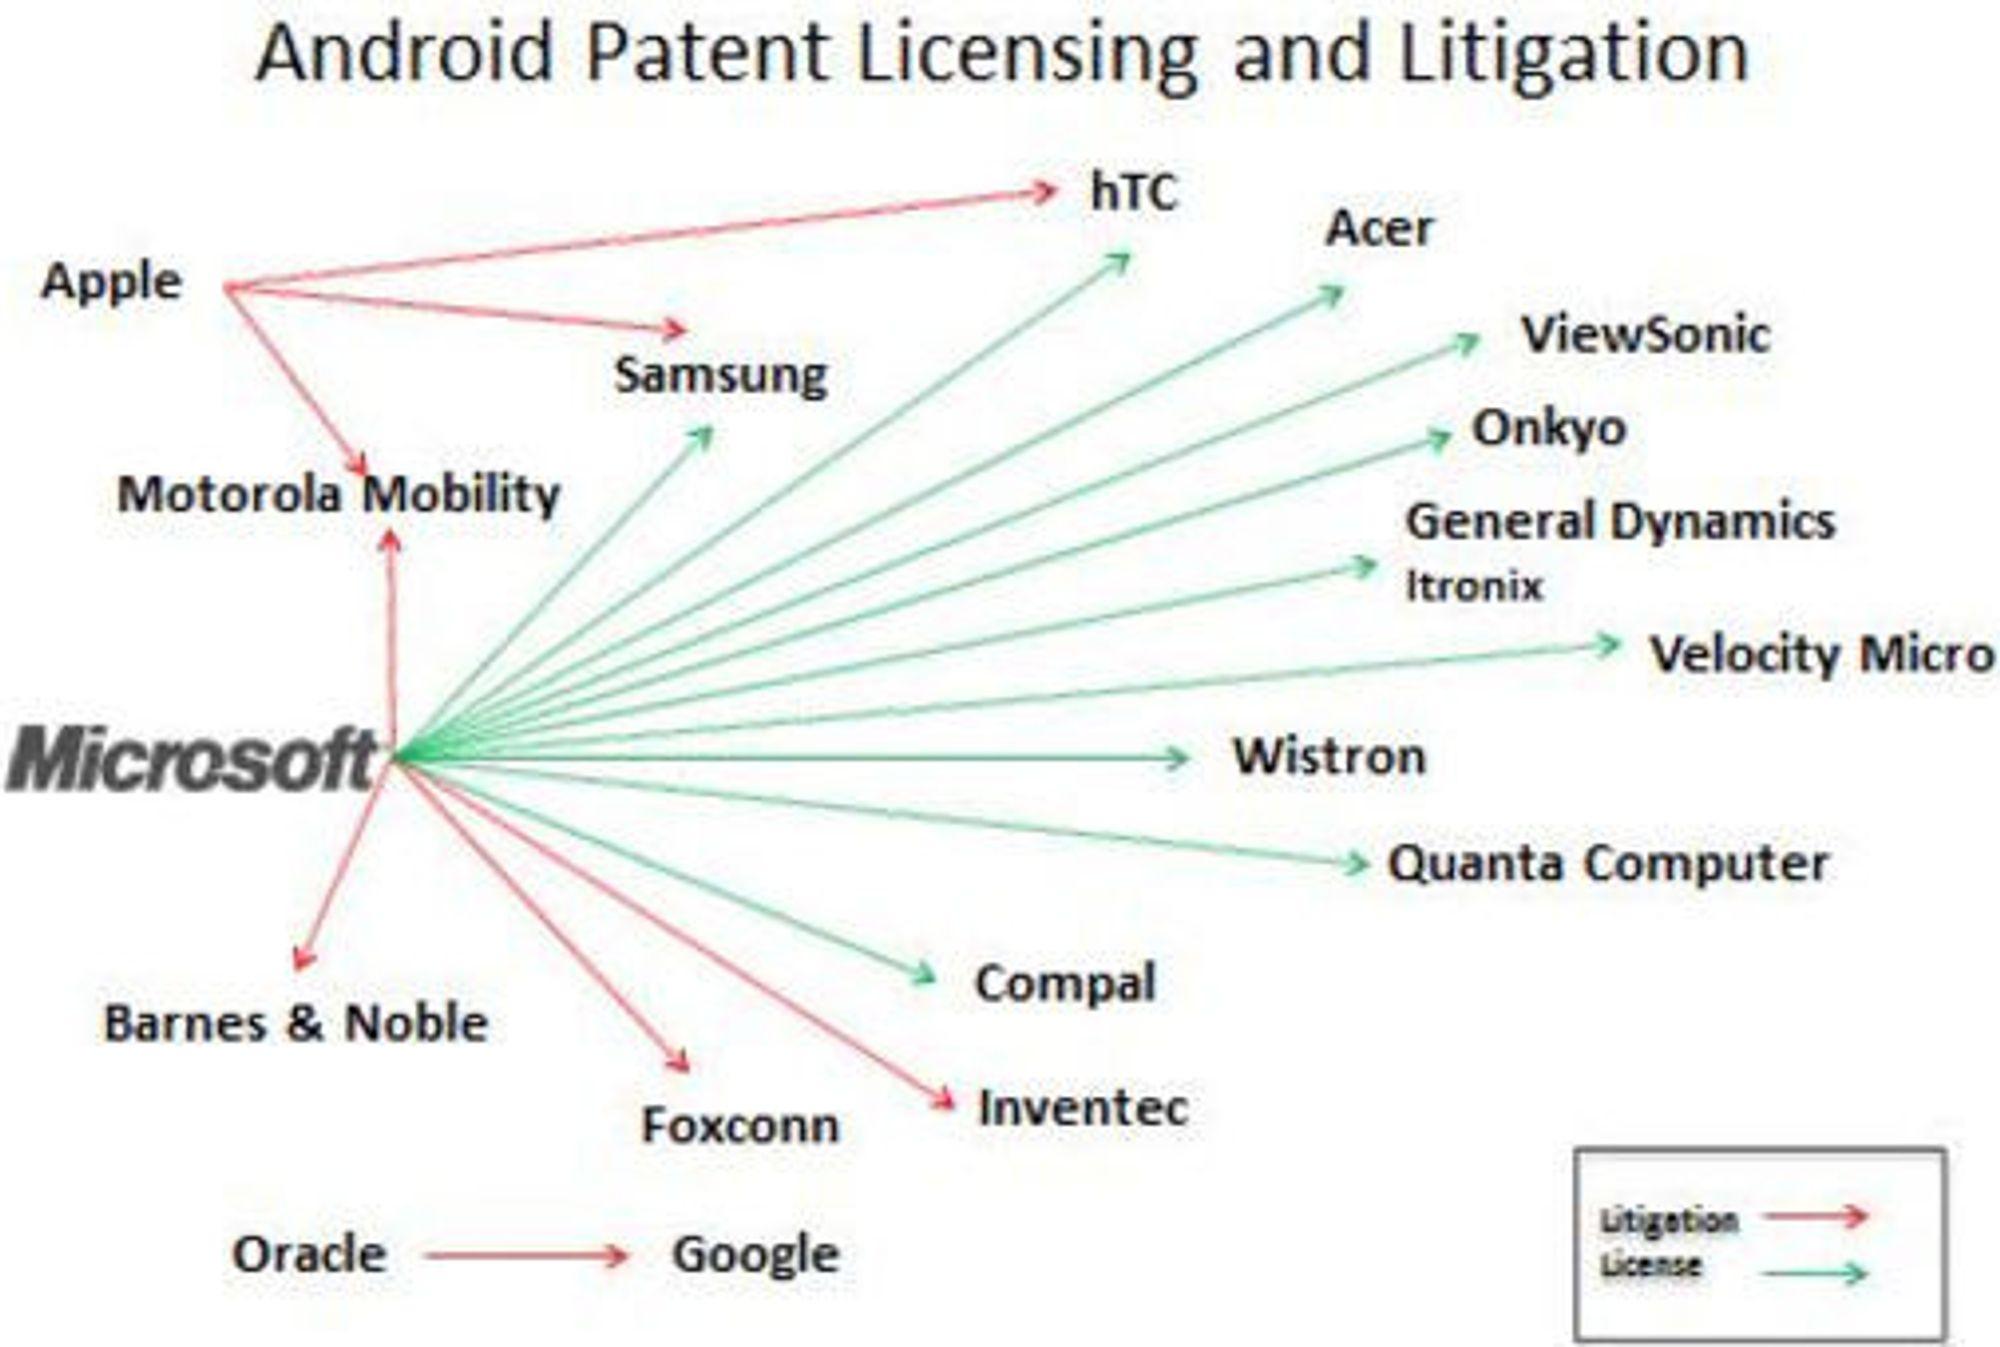 Microsoft har nå sikret seg 11 lisensavtaler om Android (grønne piler). De røde pilene viser pågående søksmål.